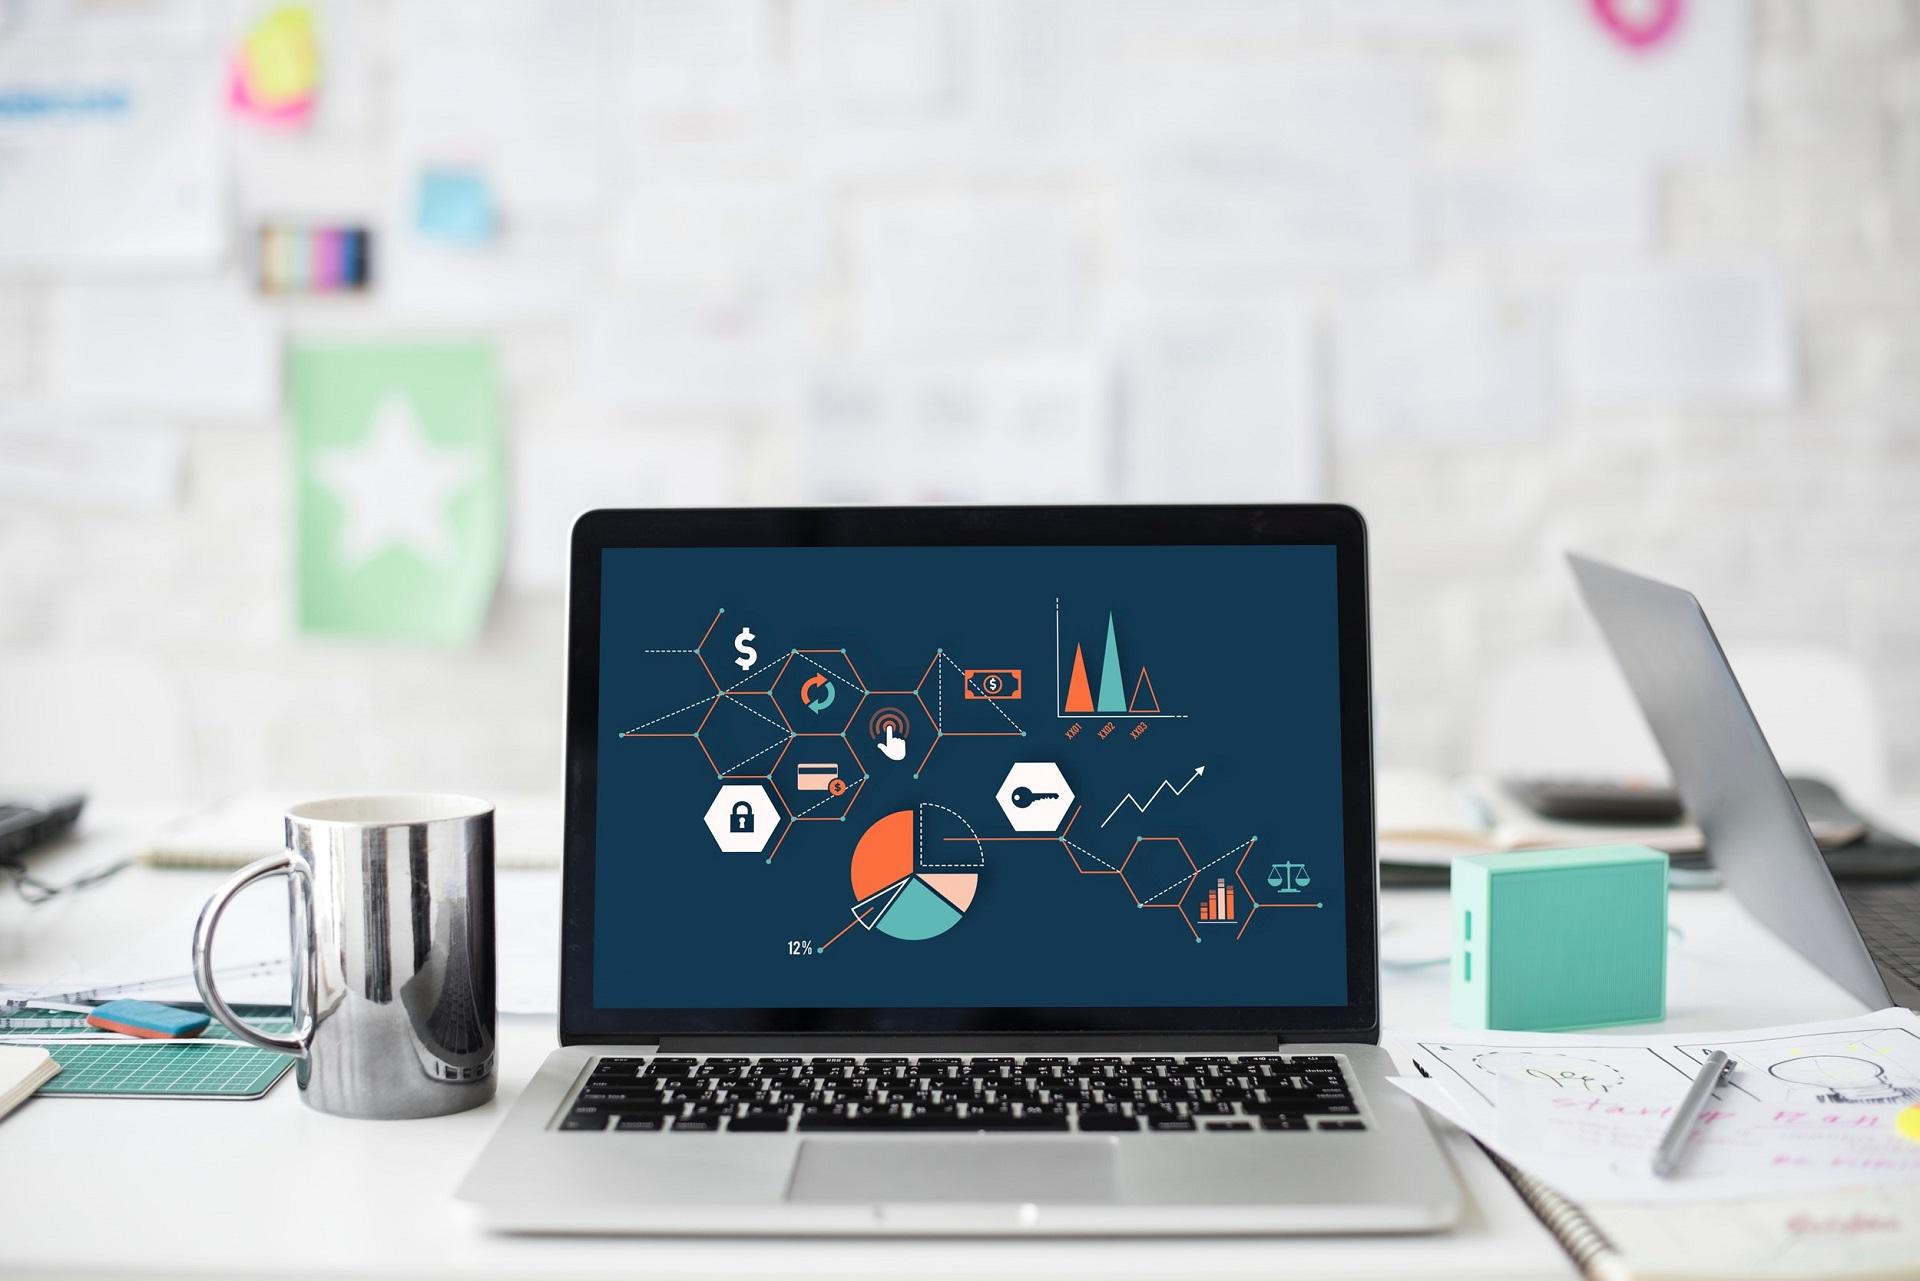 Trend-uri de web design in 2019